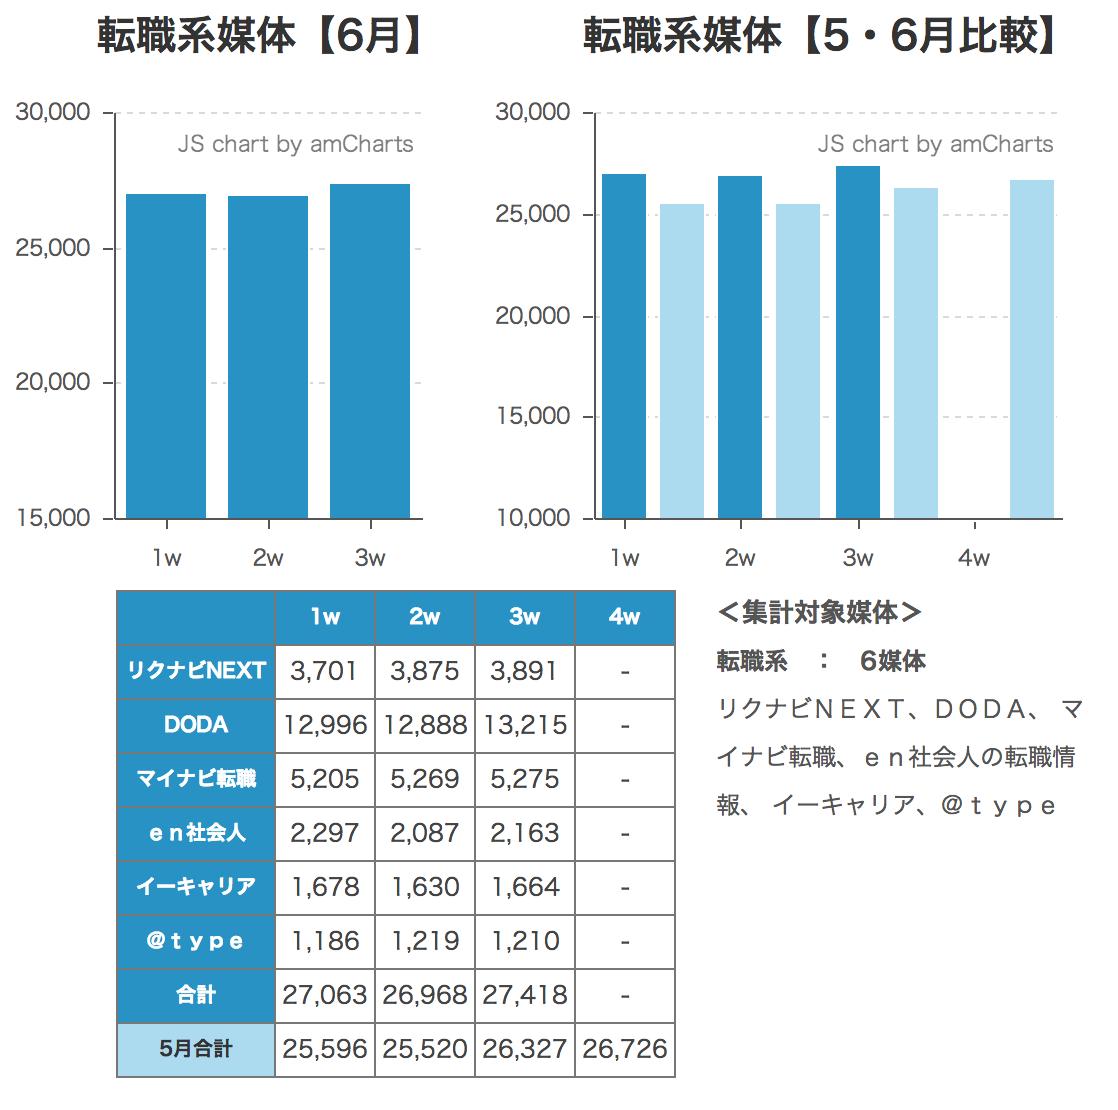 ウィークリー求人サイト掲載件数速報 2014年6月3週